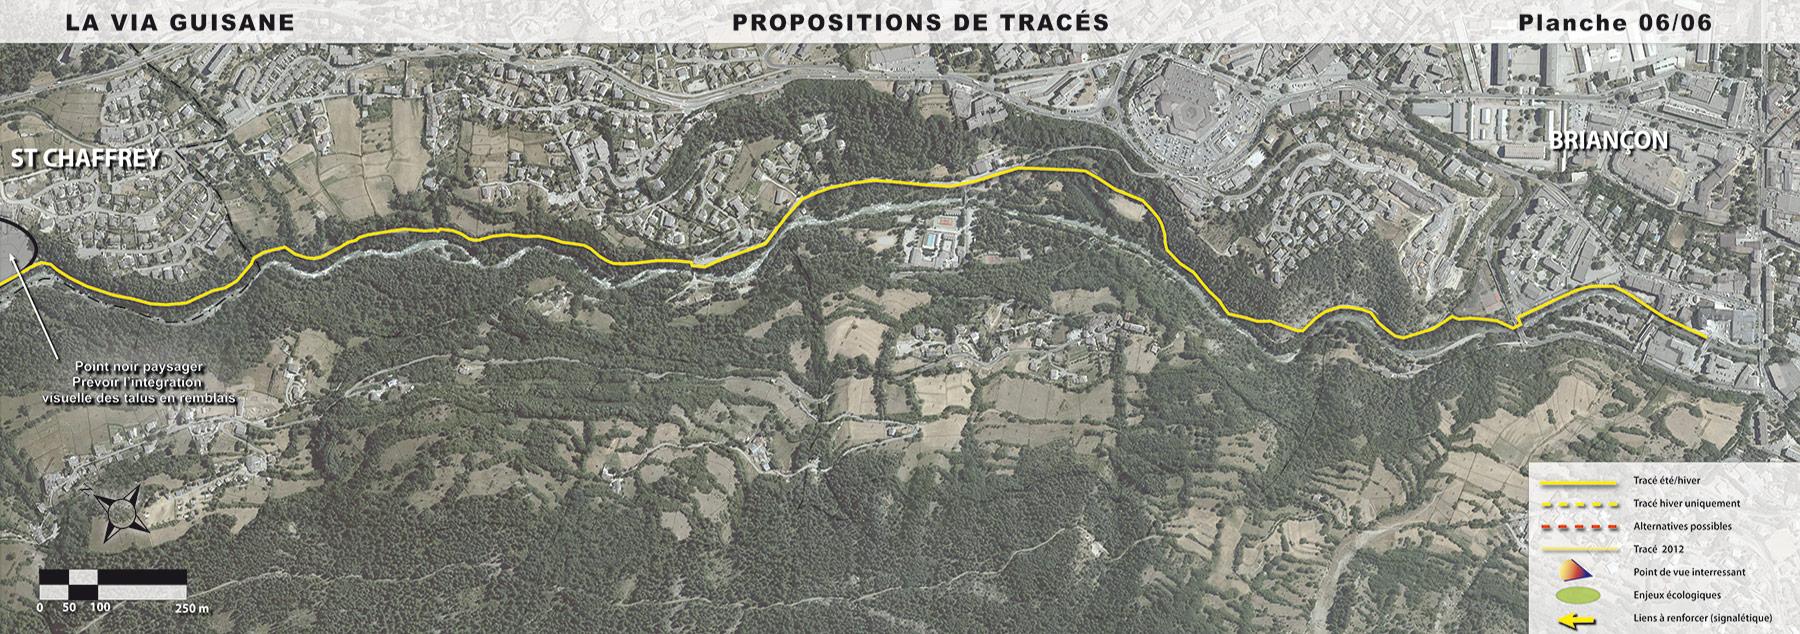 De Saint-Chaffrey à Briançon